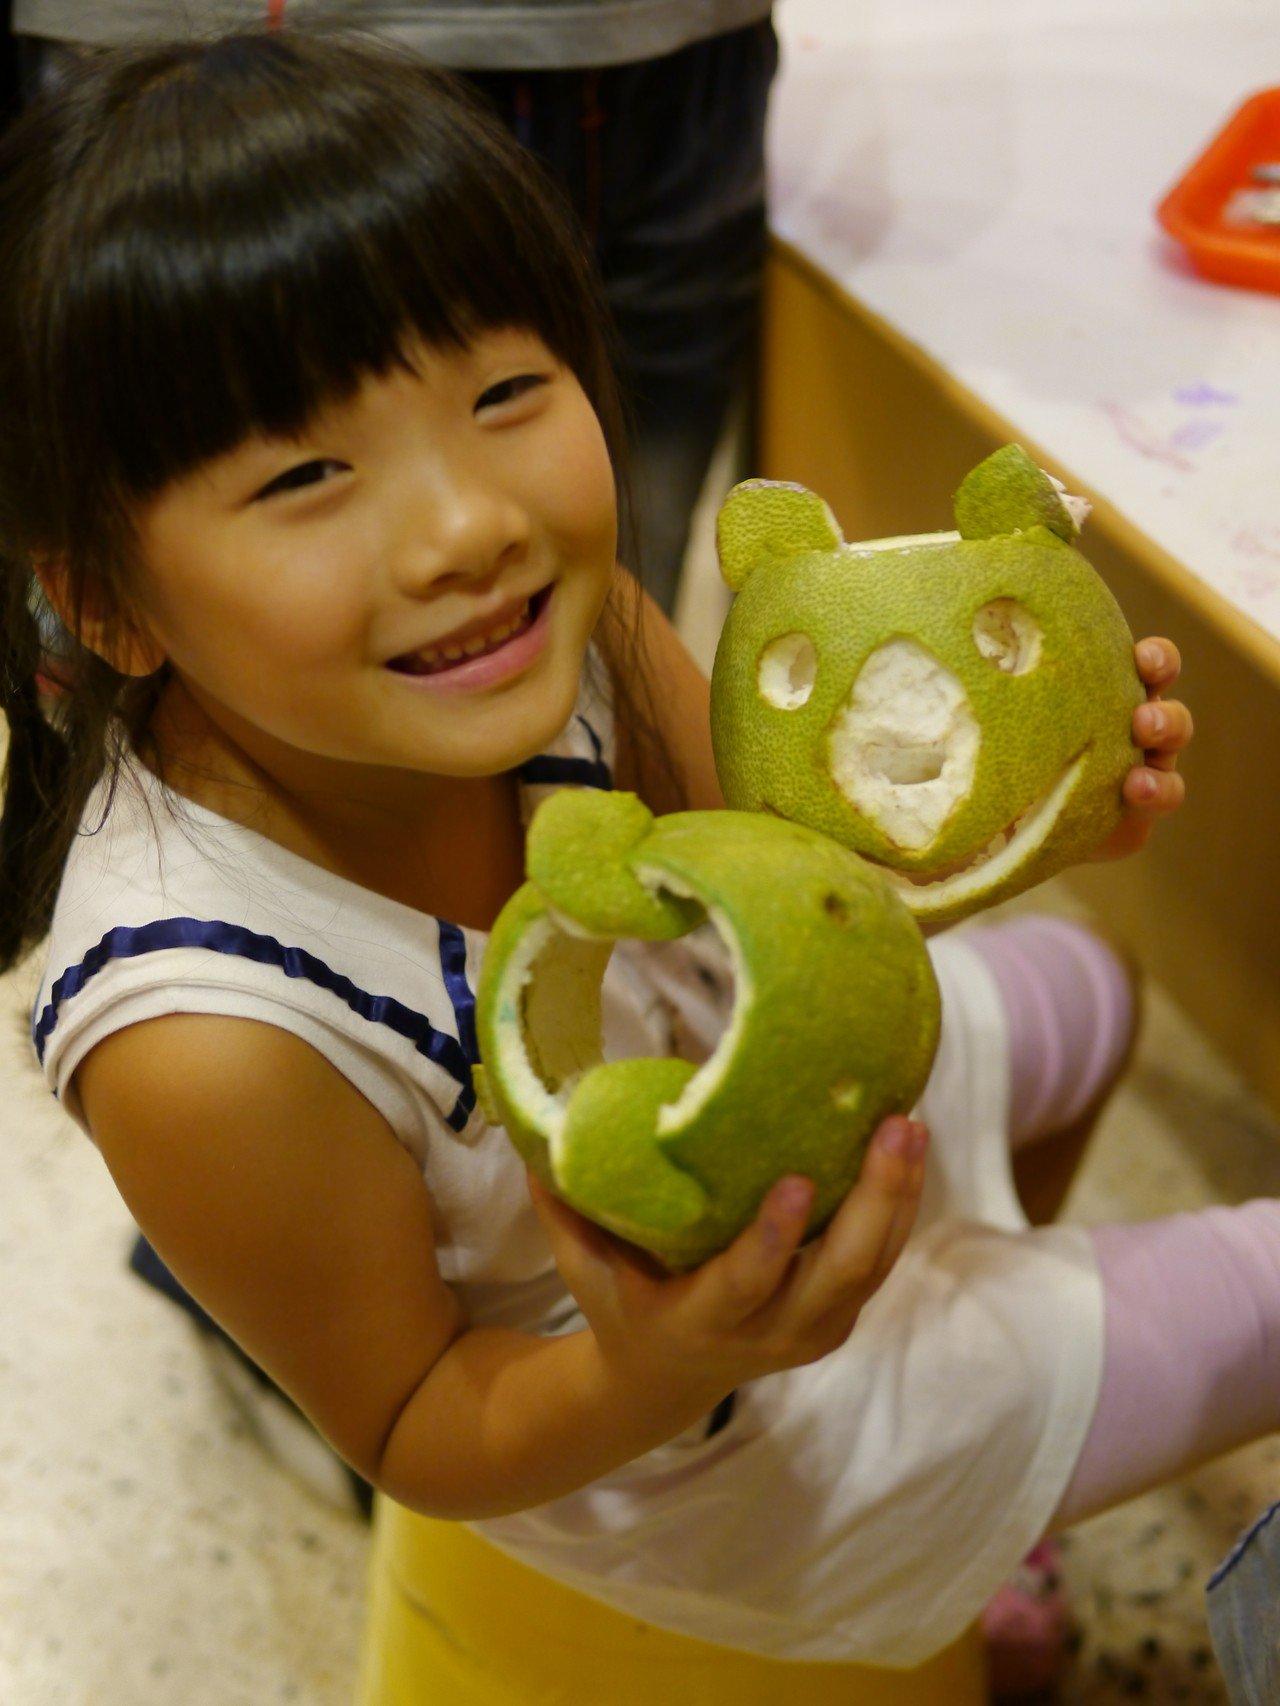 新北市文化各場館在中秋節推出各類藝文活動,十三行博物館中秋不免要有柚子,在9月2...